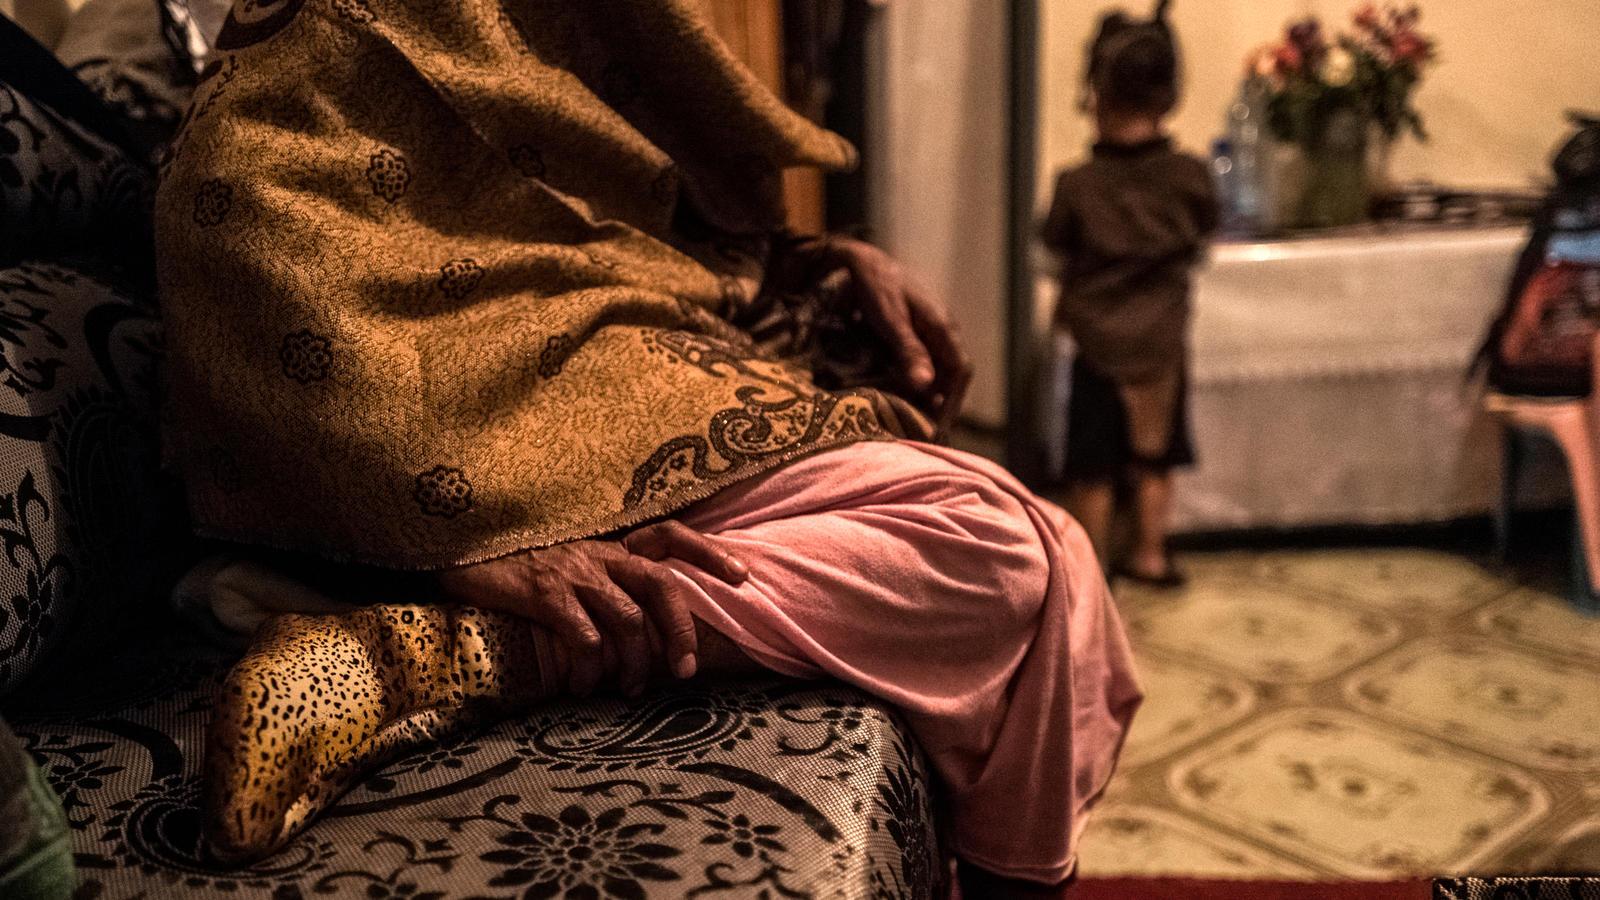 In Ostafrika ist Genitalverstümmelung eine weit verbreitete Tradition. (Motivbild)